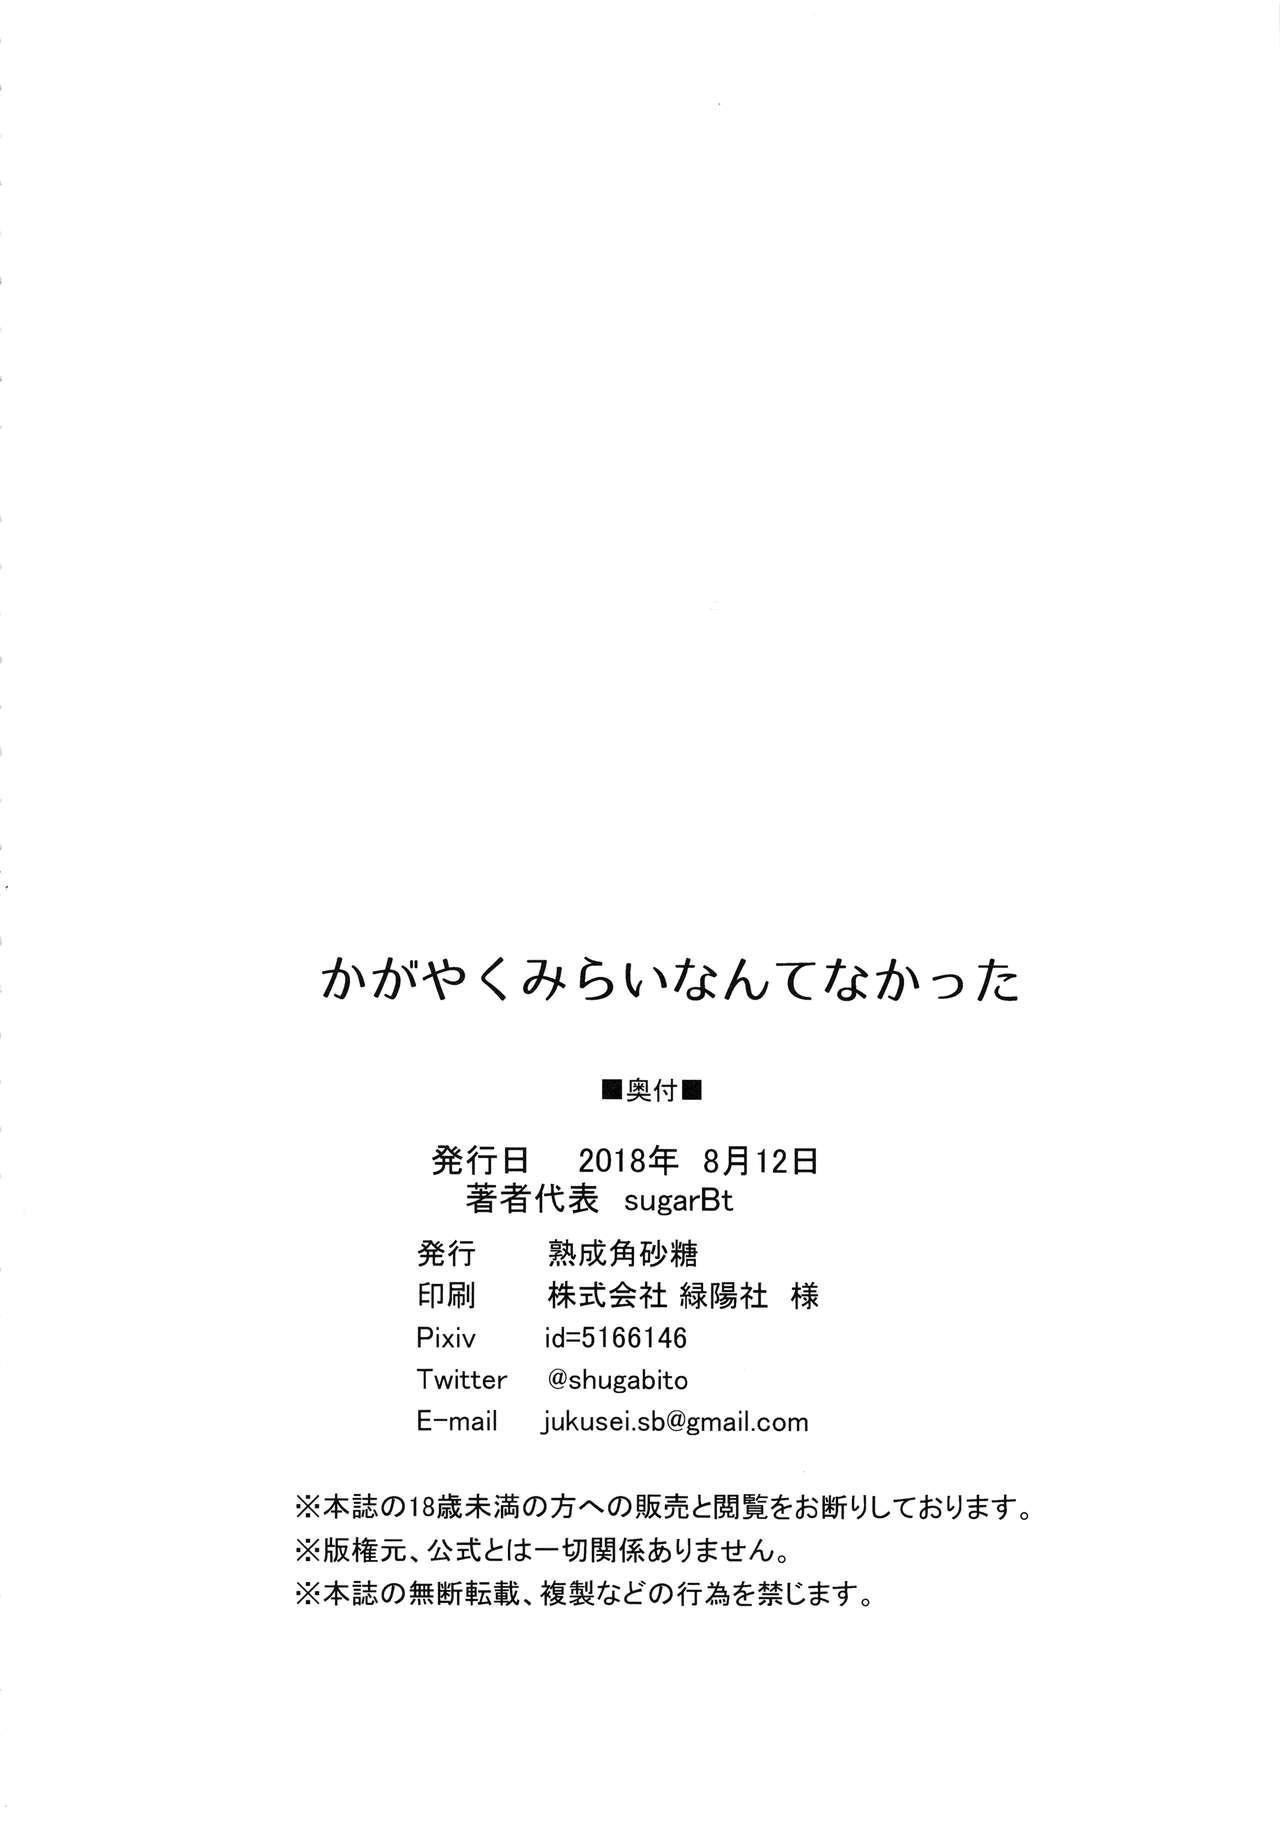 Kagayaku Mirai nante Nakatta | There is no sparkling future 20